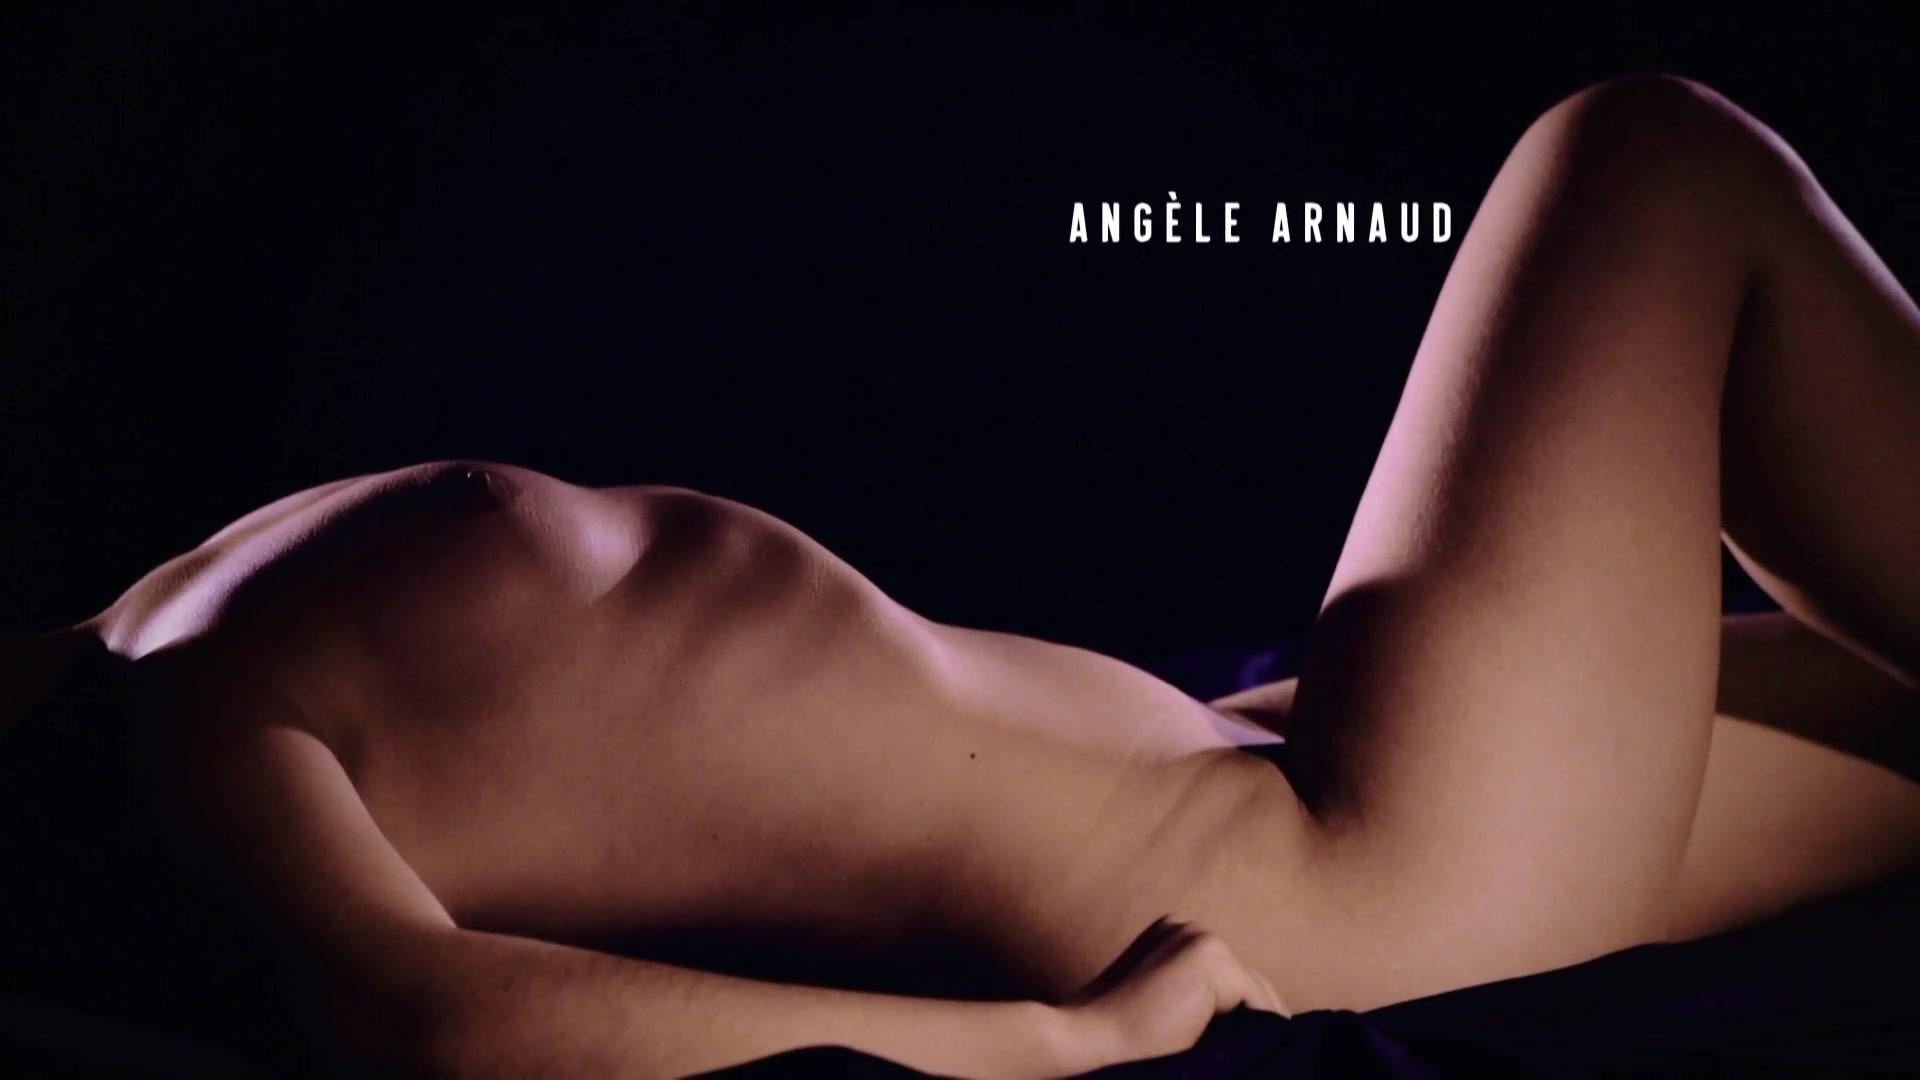 Adam & Eva Mädchen Porn angele arnaud nude - la verite nue s01e01-04 (2018) video